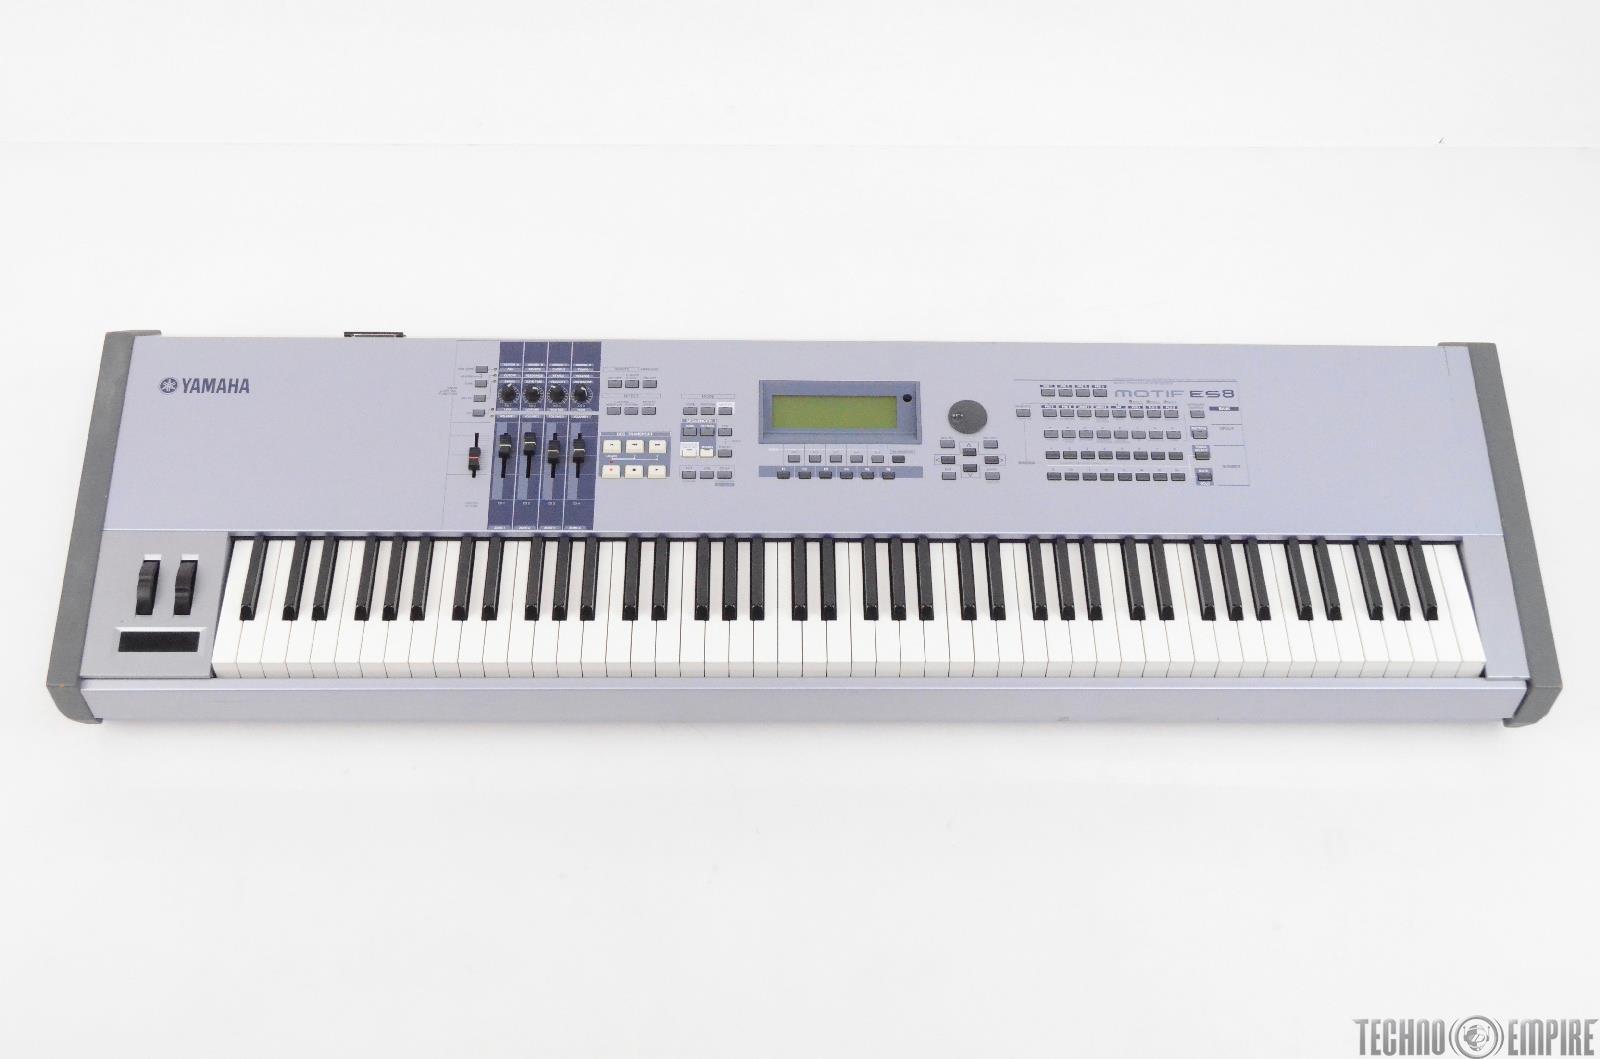 Yamaha Motif ES8 Workstation Keyboard Synthesizer w/ Case #31465